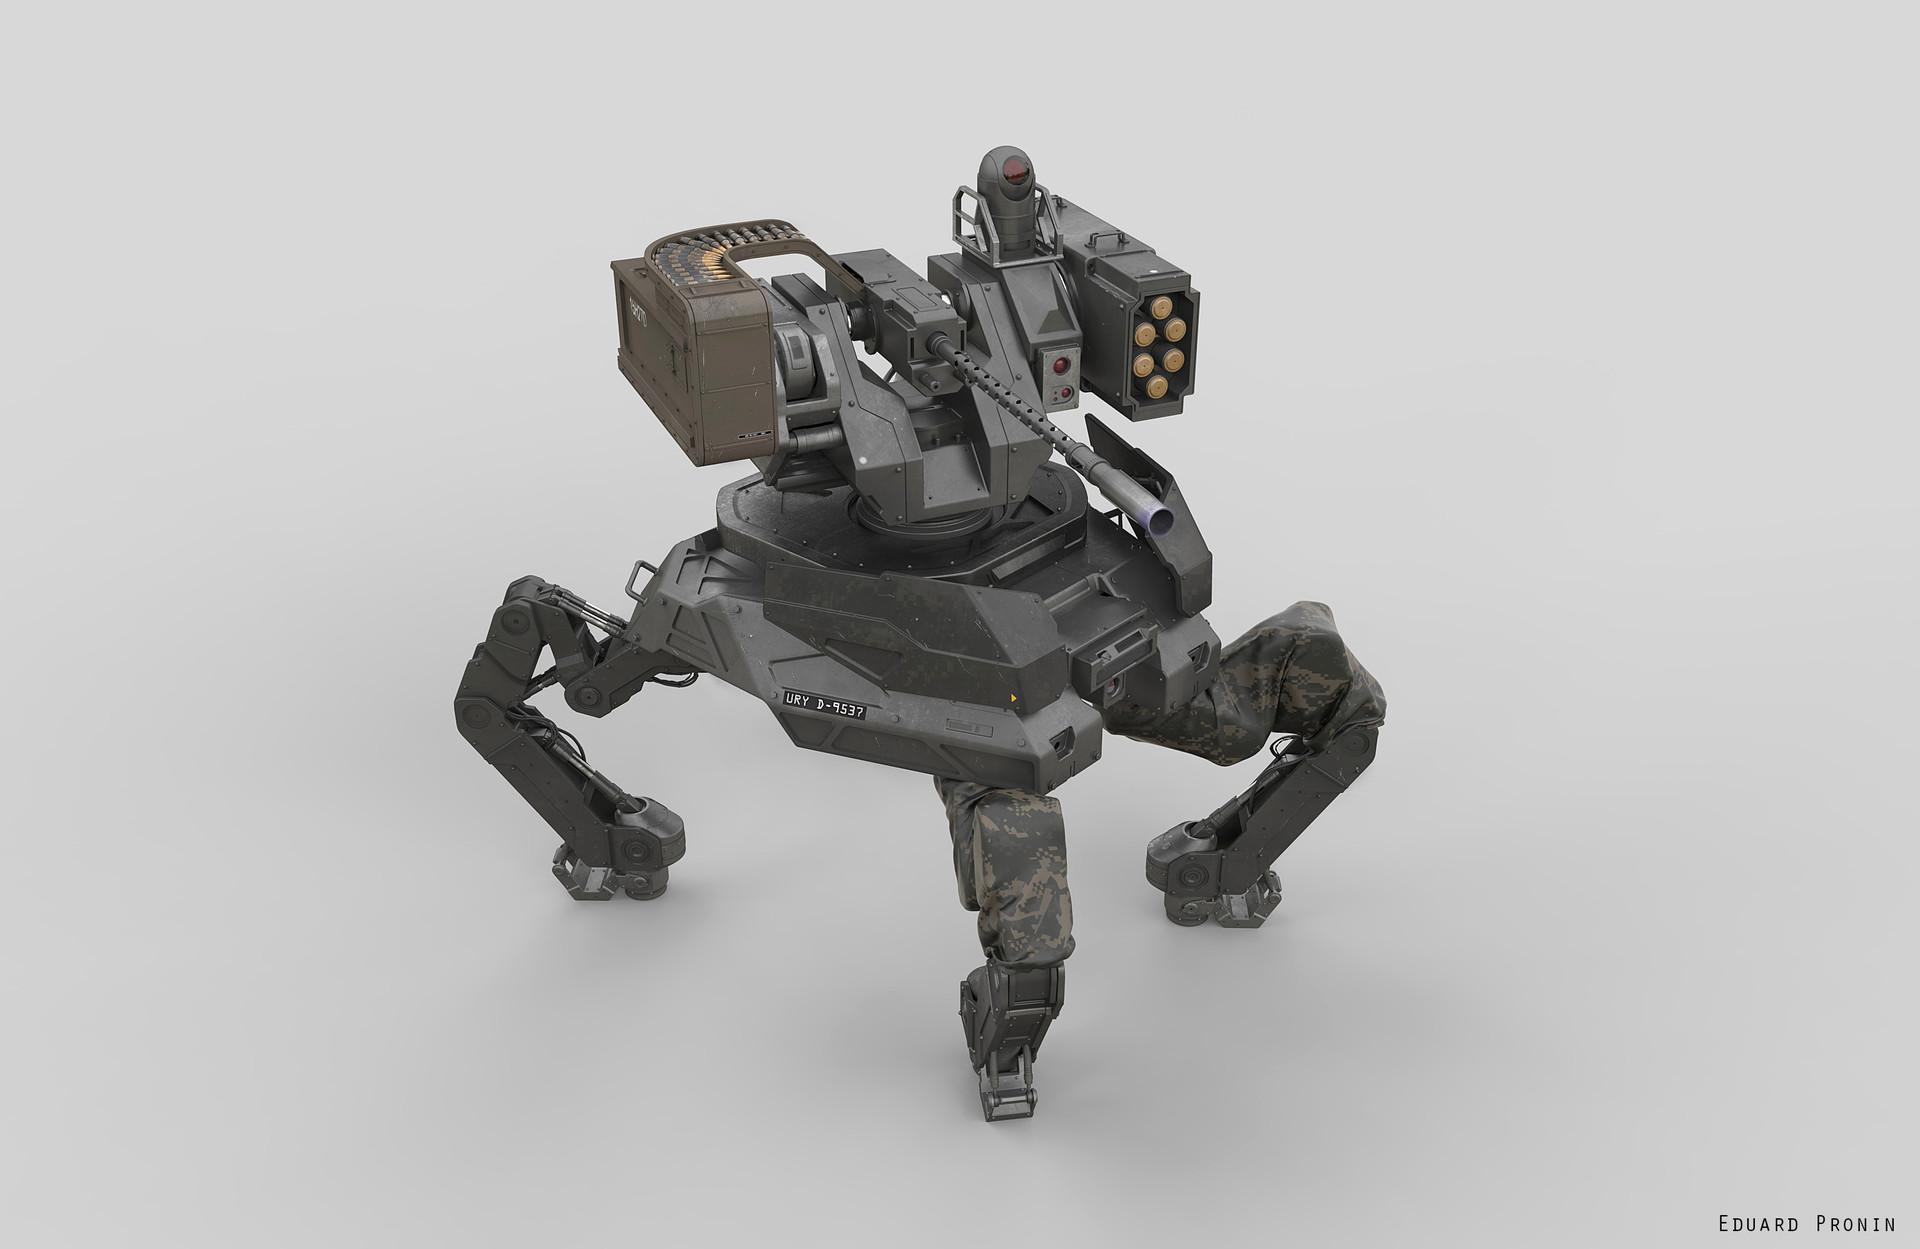 Eduard pronin drone eduard pronin